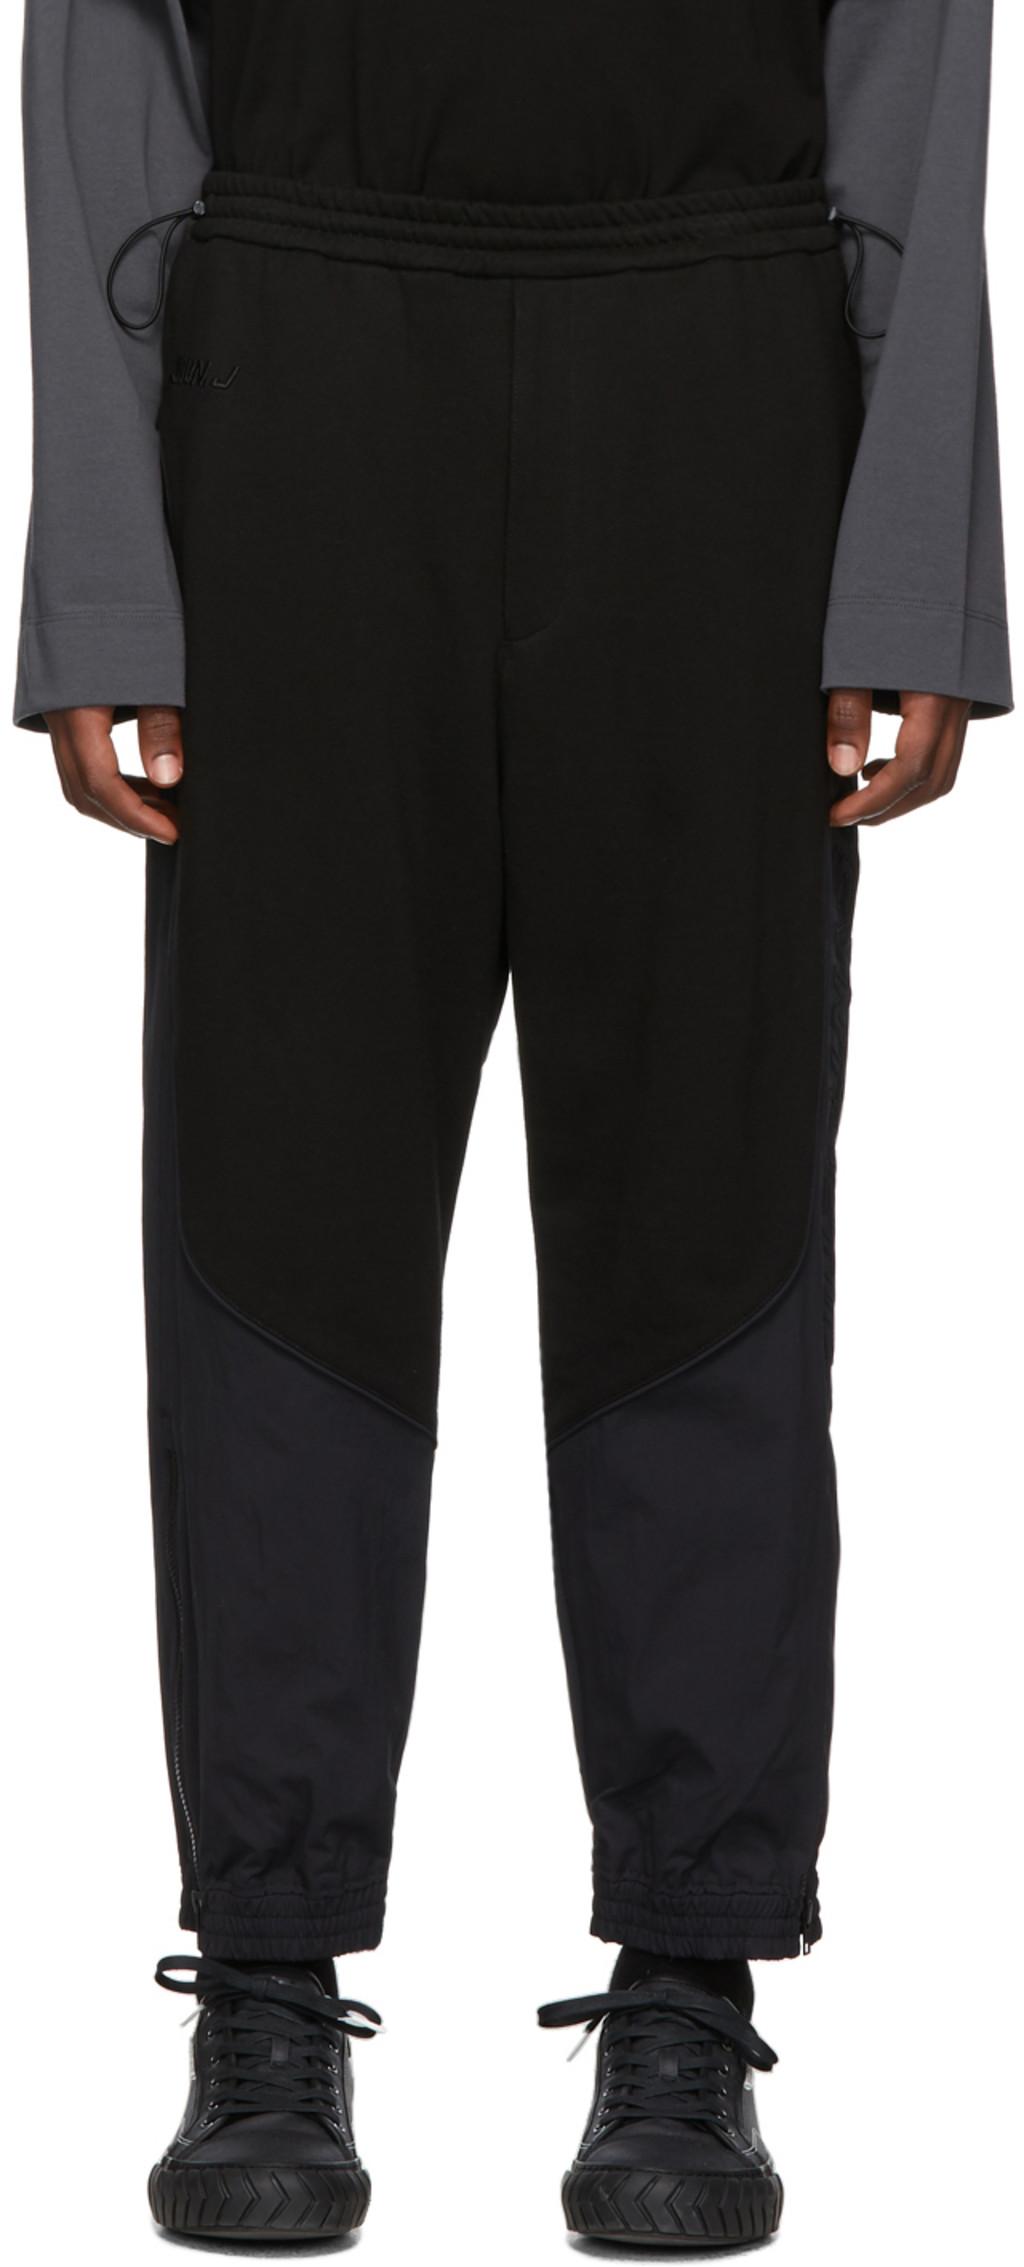 98e172d273 Black Plain Lounge Pants